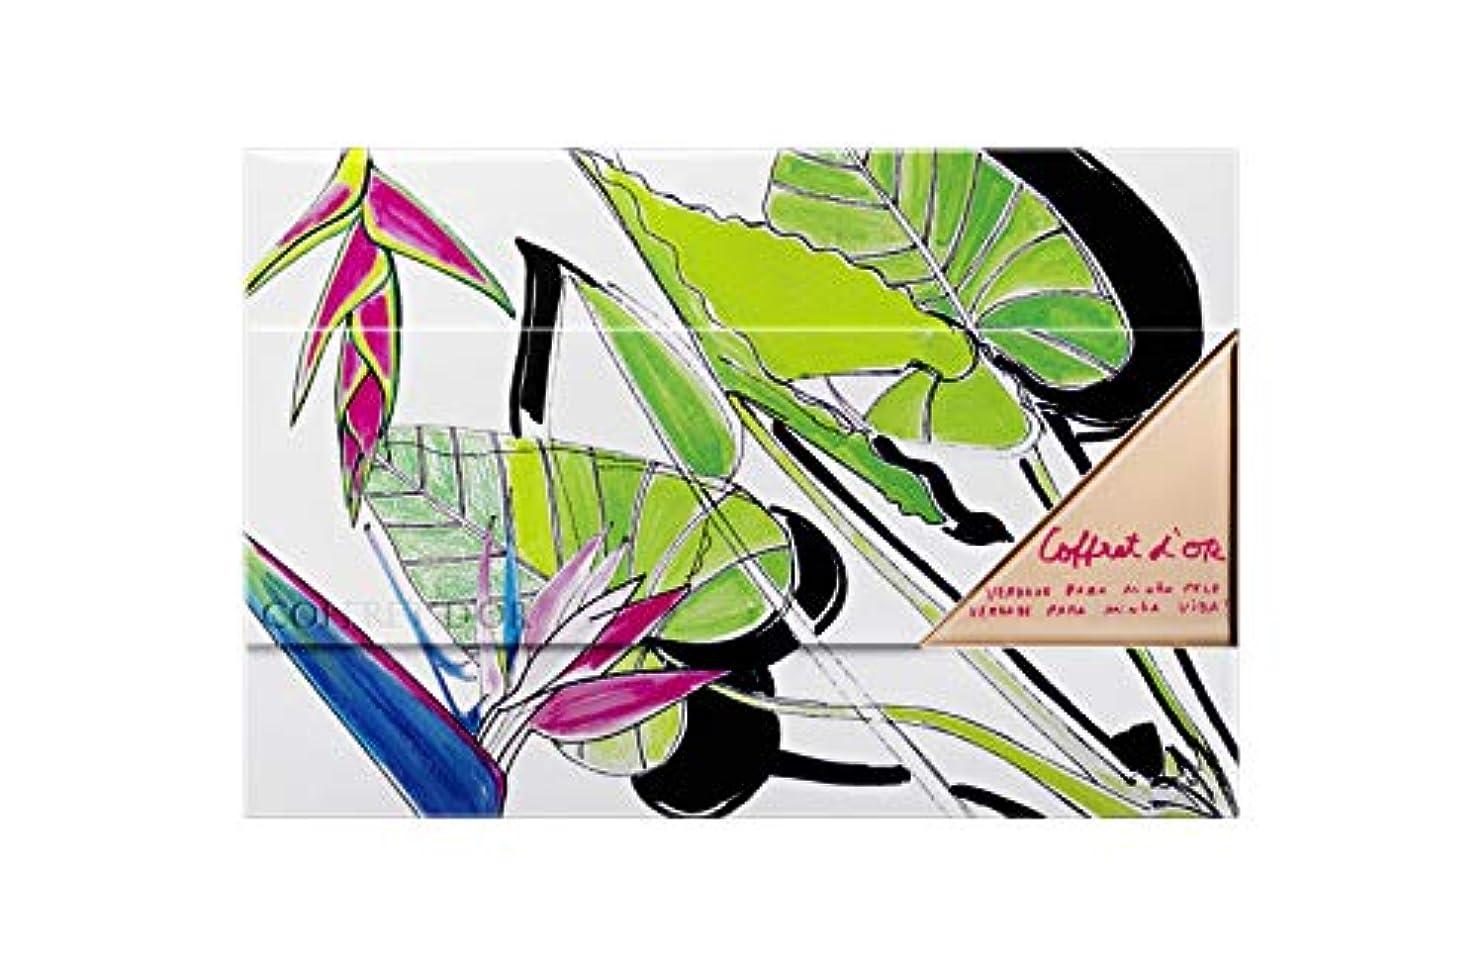 全国邪魔セージコフレドール ヌーディカバー ロングキープパクトUV リミテッドセットf オークル-C PLAYED DESIGN 【LIKE NATURE】 SPF20 ?PA++ ファンデーション(パクト)